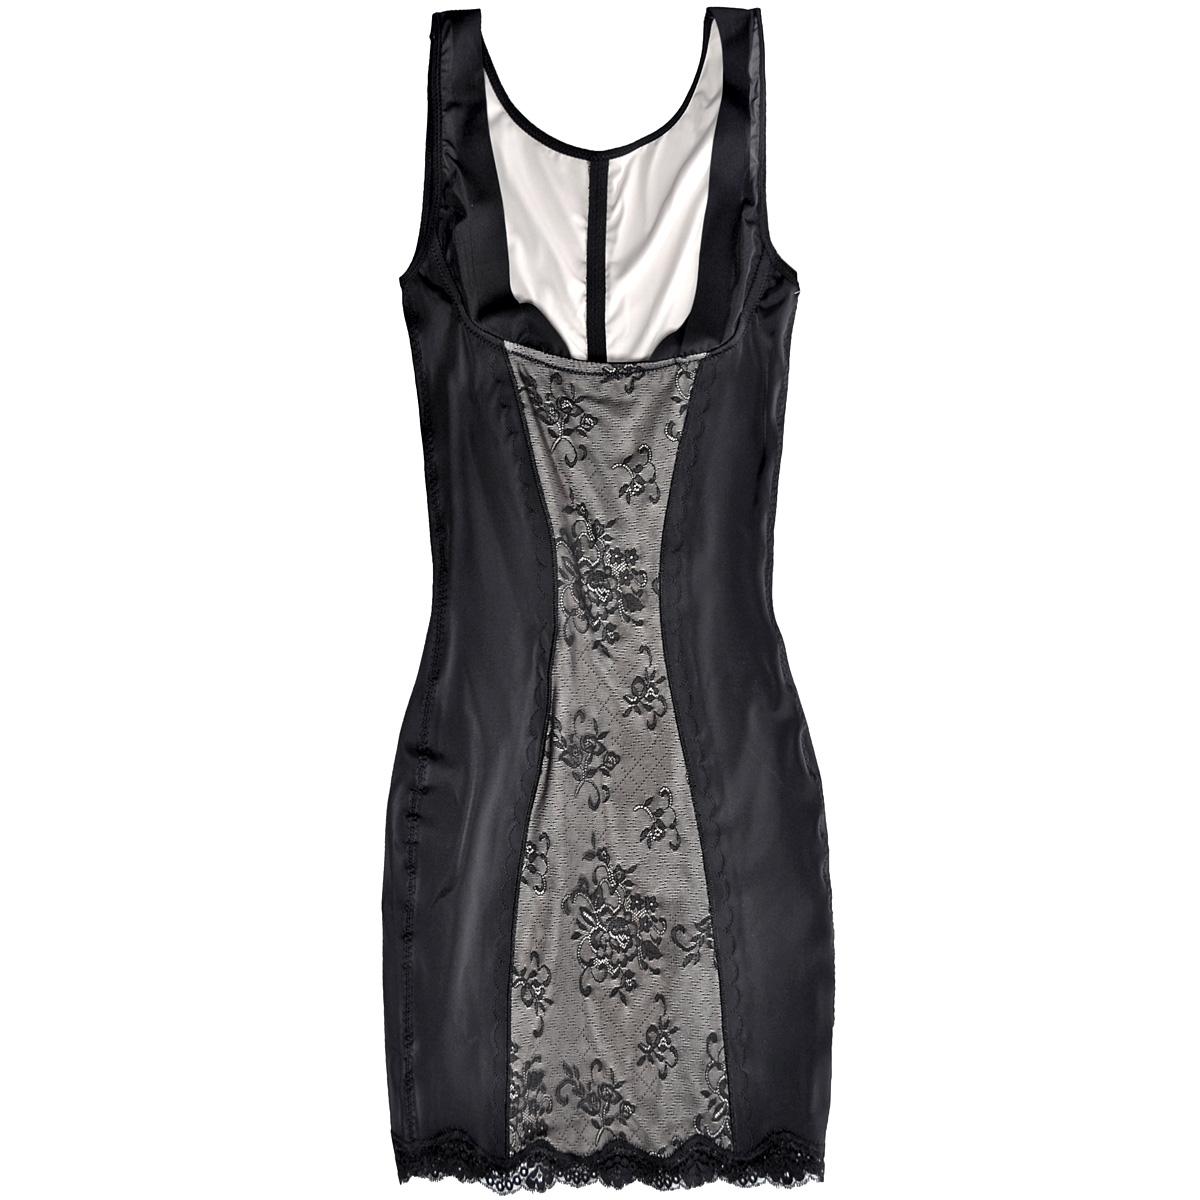 Платье Luxury Lace Dress, корректирующее. 49LD49LDКорректирующее платье Magic BodyFashion Luxury Lace Dress, декорированное гипюровой вставкой и ажурным кружевом, очень удобное и комфортное в носке. Эта модель нежно сформирует линию бедер и подтянет живот и талию. Функциональный покрой заметно подтягивает и моделирует фигуру, скрывая ее недостатки. Крой платья необычен, благодаря чему его невозможно заметить под любой одеждой, оно практически не ощущается на коже, позволяет чувствовать себя комфортно и легко. Изделие позволяет приобрести выразительные линии своего тела за считанные секунды (можно скрыть все лишнее). Белье Magic BodyFashion создано для тех, кто стремится к безупречности своего стиля. Именно благодаря ему огромное количество женщин чувствуют себя поистине соблазнительными, привлекательными и не на шутку уверенными в себе.